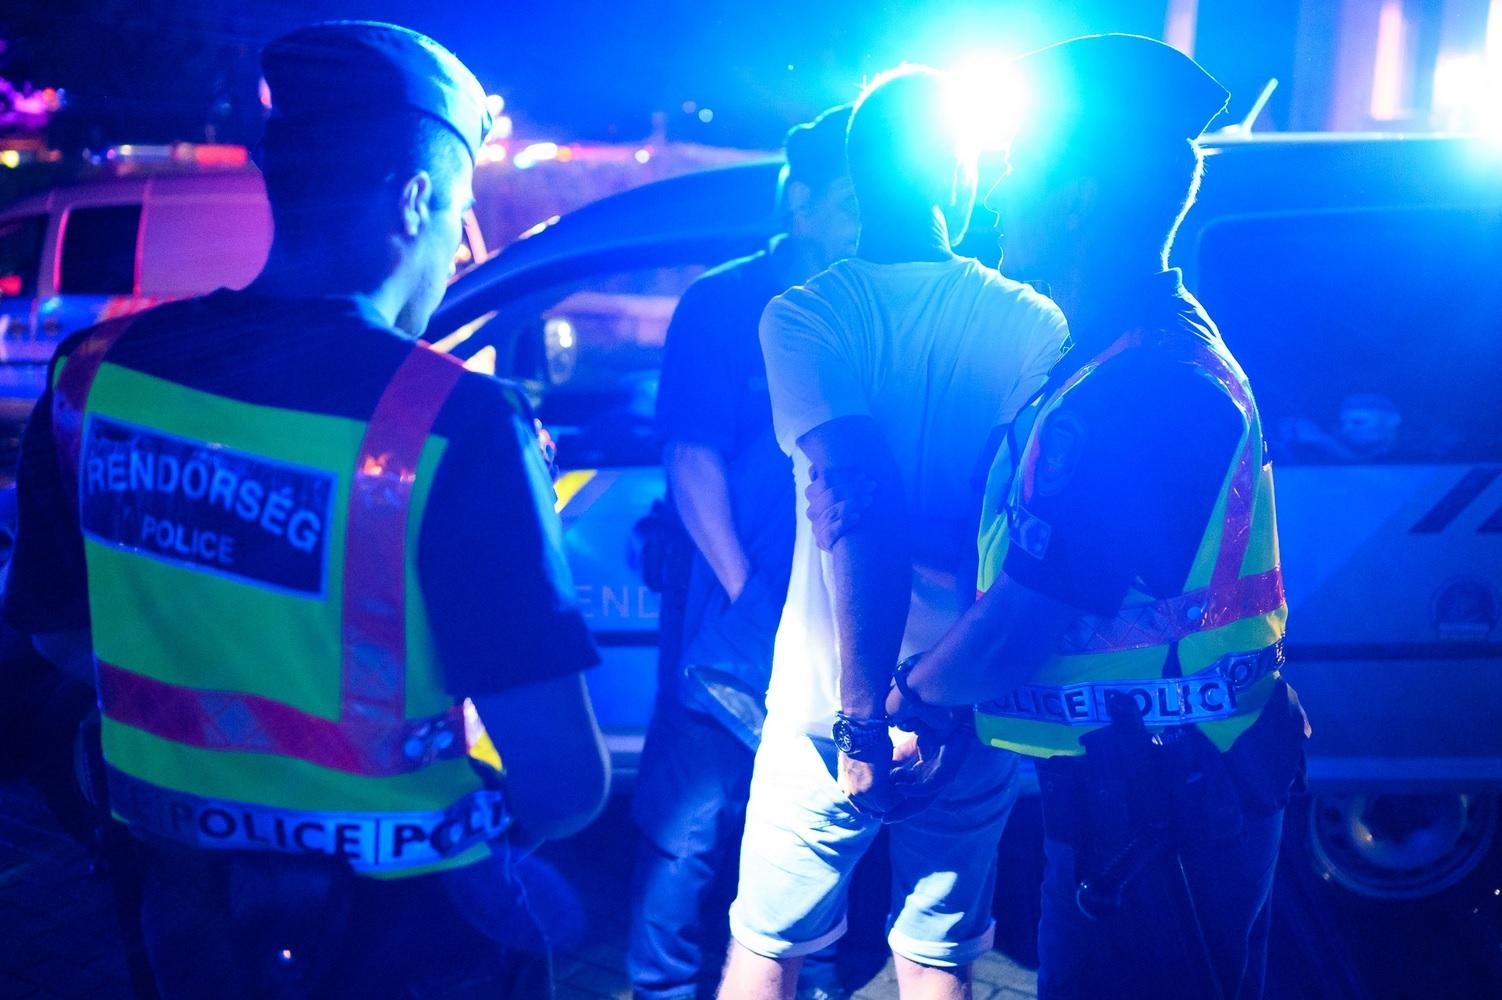 Körözött bűnözők, drog és garázdaság – ezen a hétvégén sem unatkoztak a siófoki rendőrök